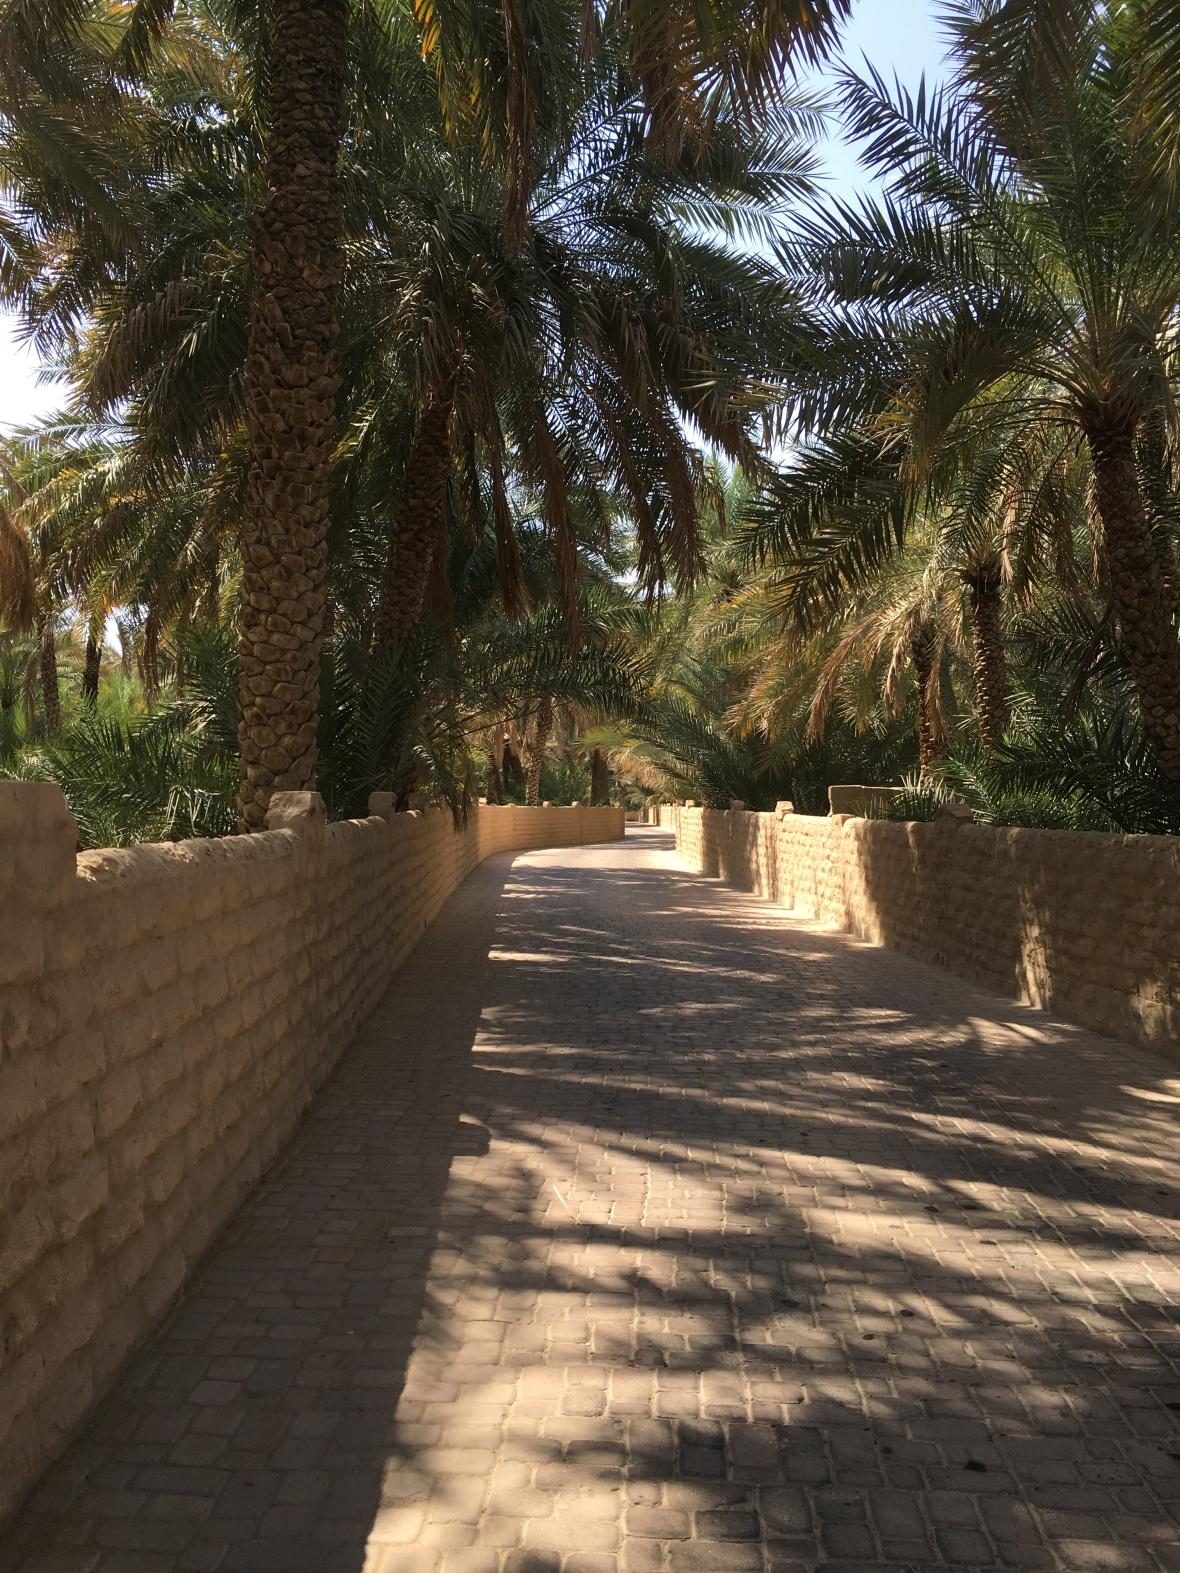 Al Ain Oasis, Al Ain, UAE (2)